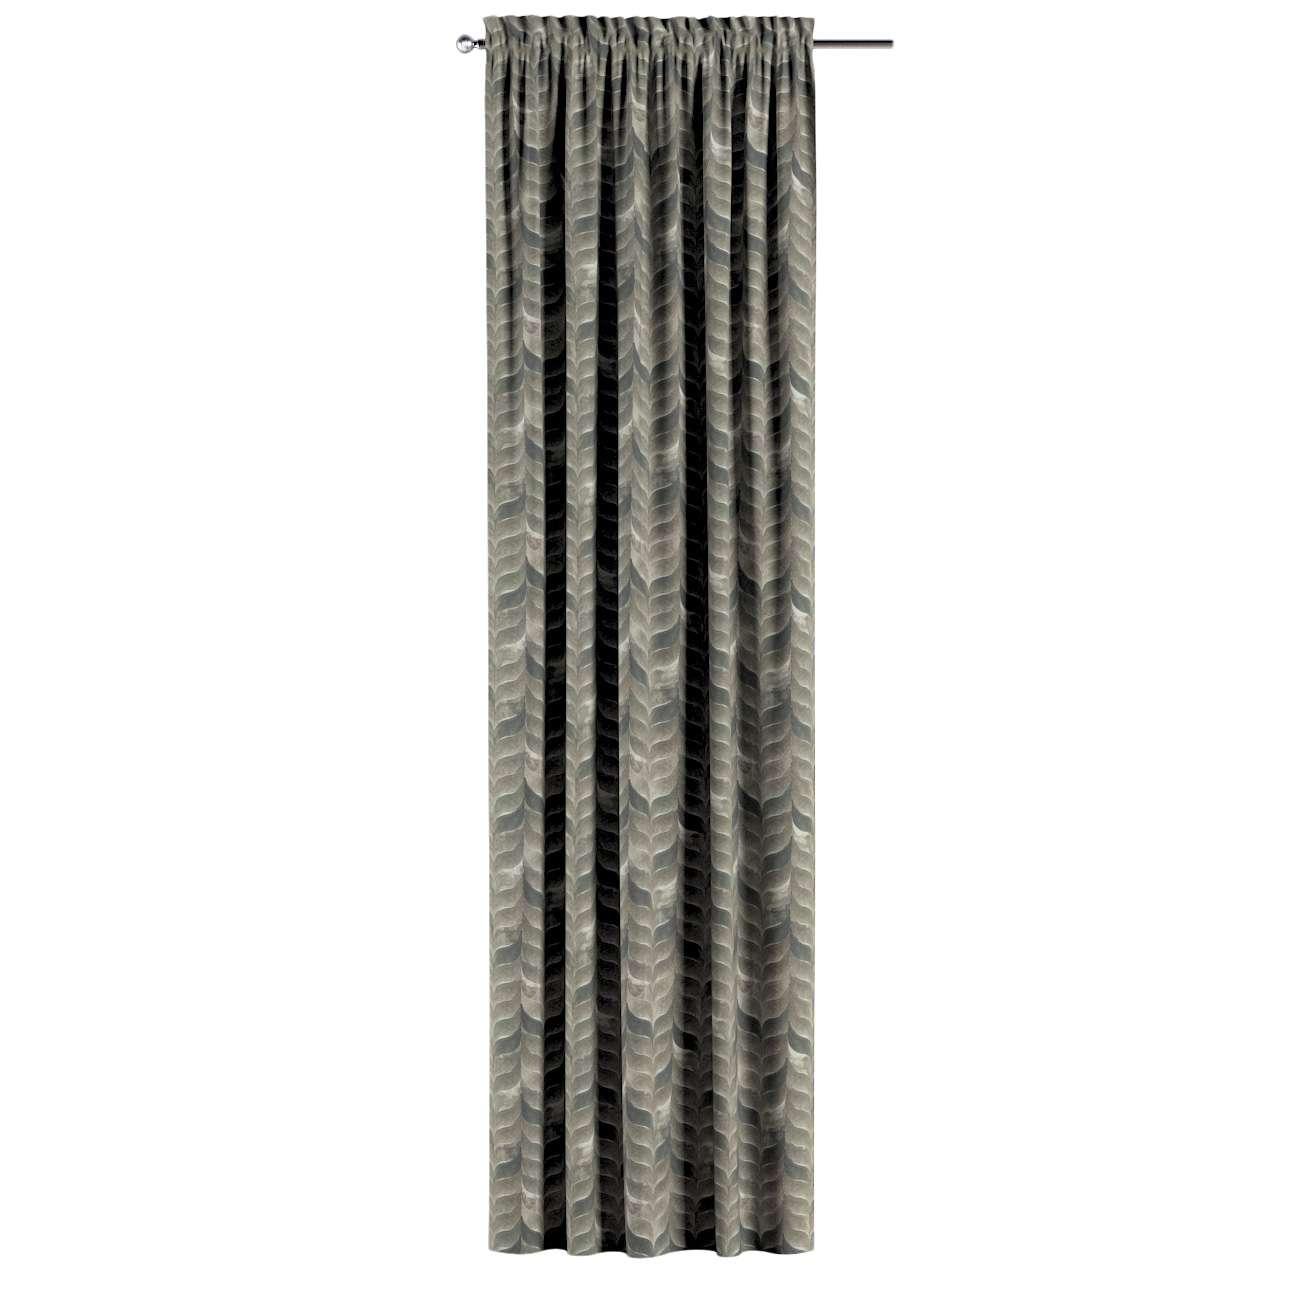 Zasłona na kanale z grzywką 1 szt. w kolekcji Abigail, tkanina: 143-12